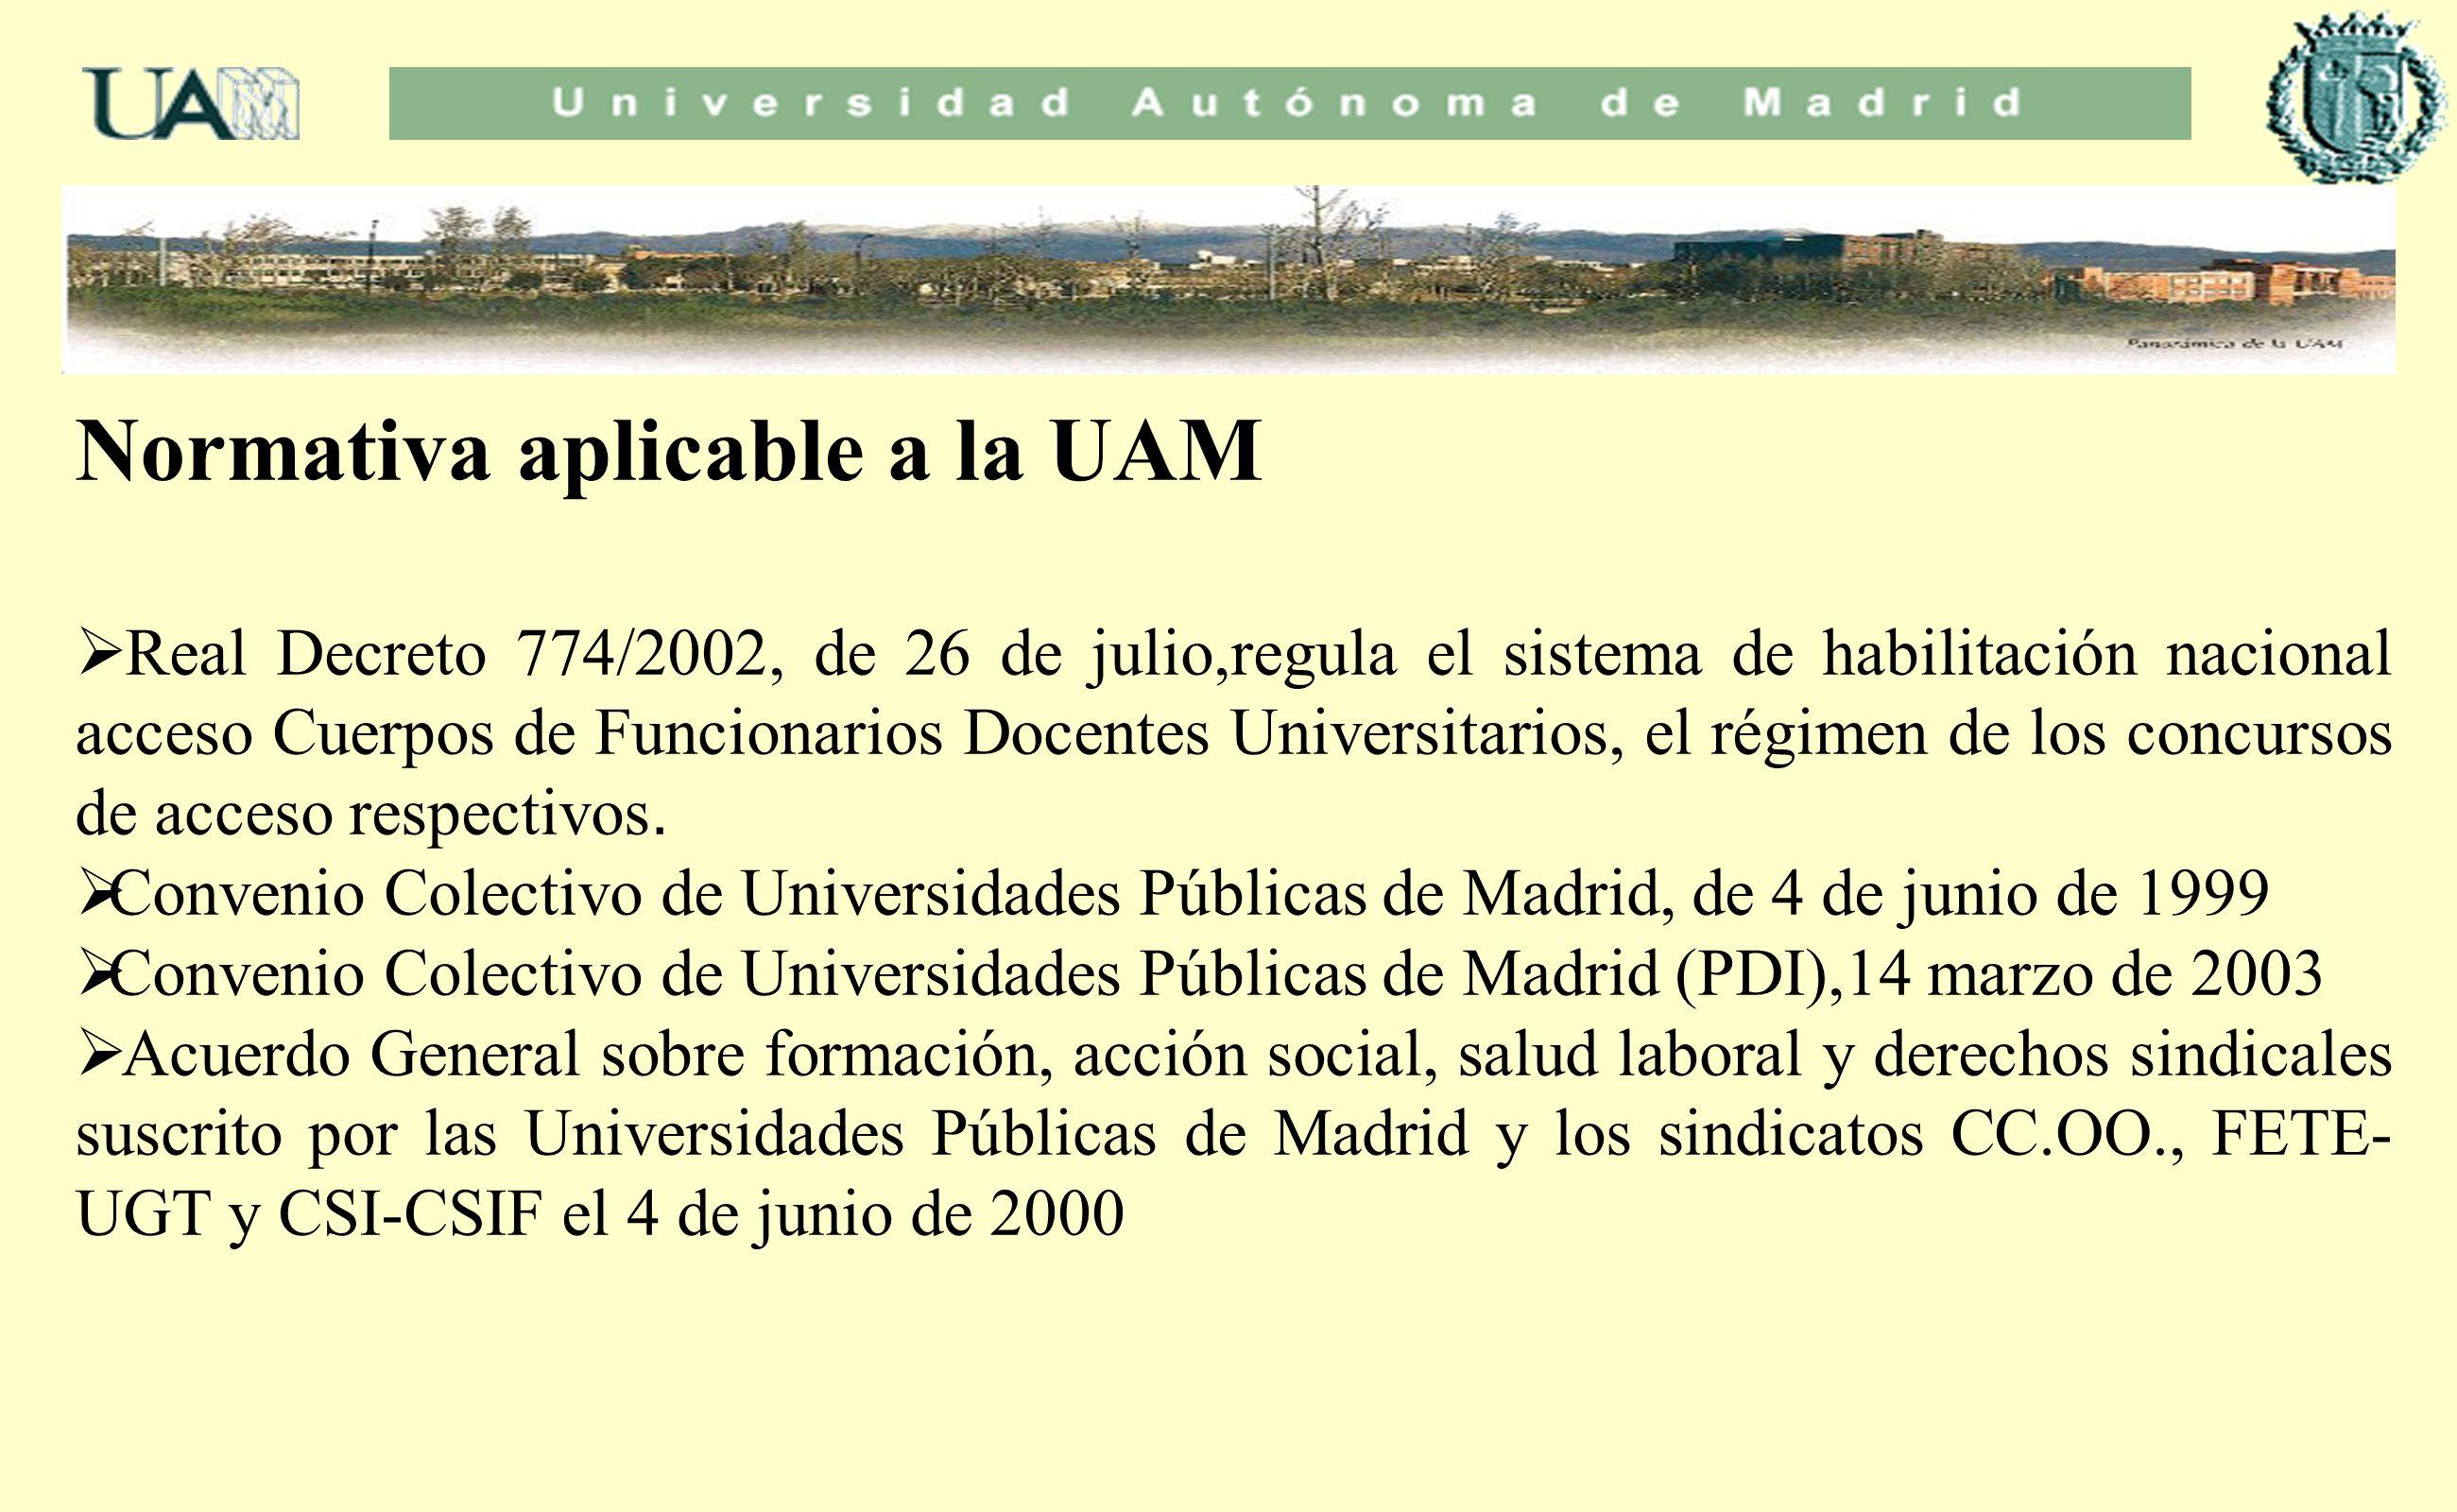 Normativa aplicable a la UAM